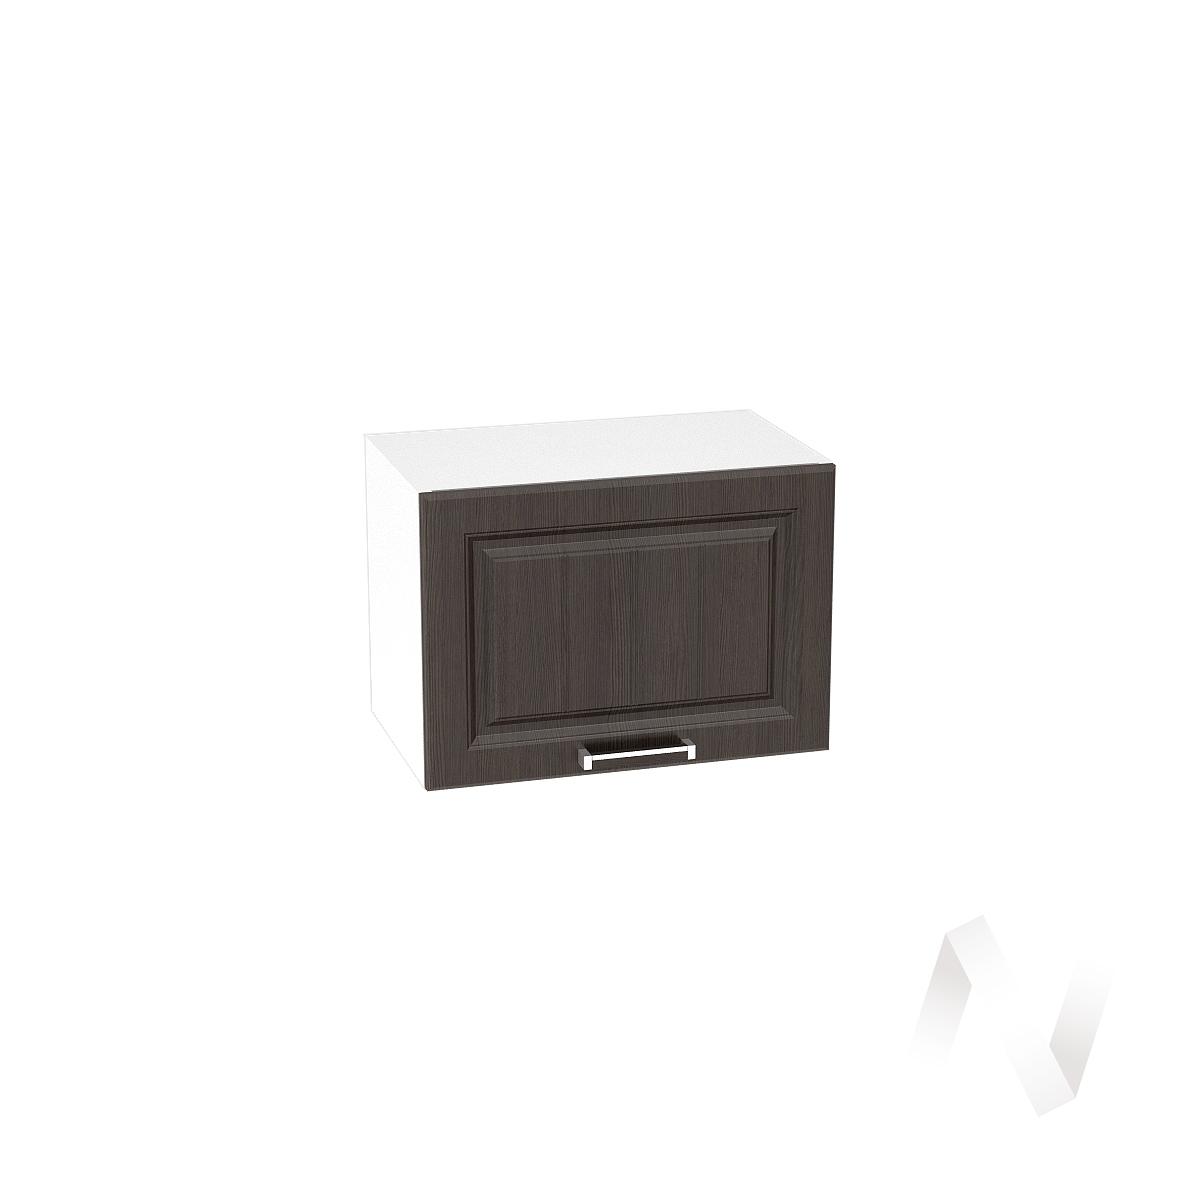 """Кухня """"Прага"""": Шкаф верхний горизонтальный 500, ШВГ 500 (венге/корпус белый)"""